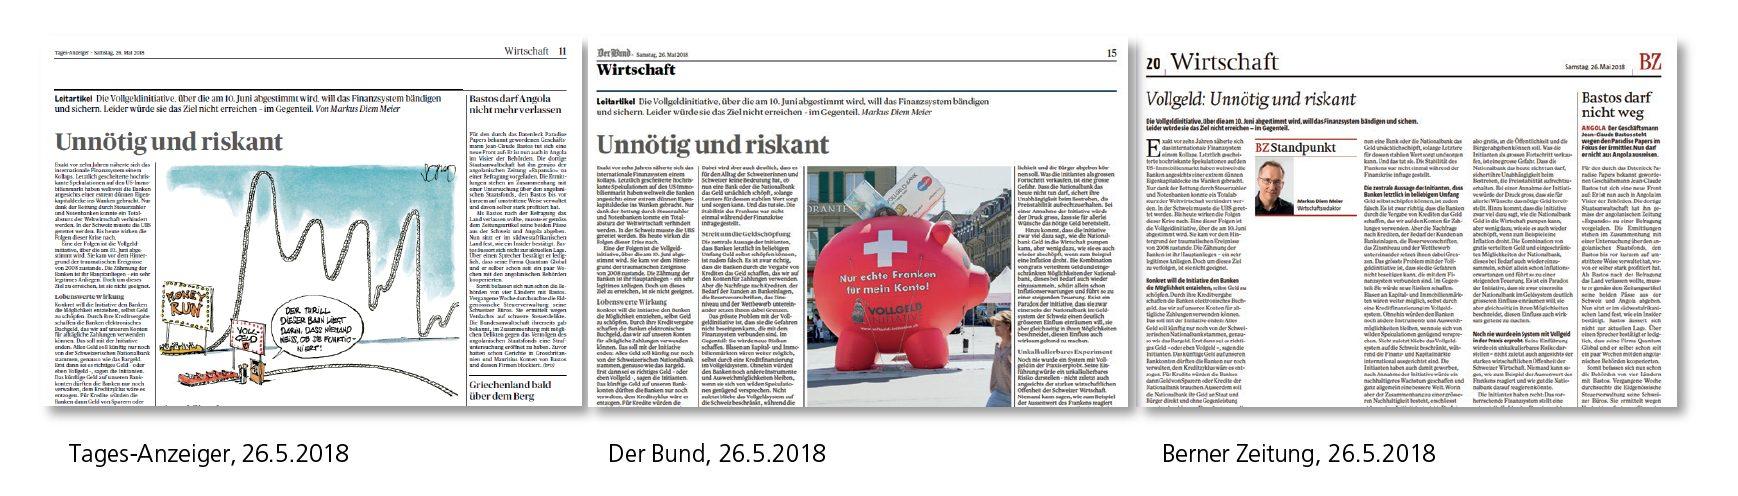 Drei verschiedene Zeitungen, drei verschiedene Abos für die Leserschaft, aber ein und derselbe Beitrag: Ein Leitartikel zur Vollgeld-Initiative in Tages-Anzeiger, Der Bund und Berner Zeitung am 26. Mai 2018.